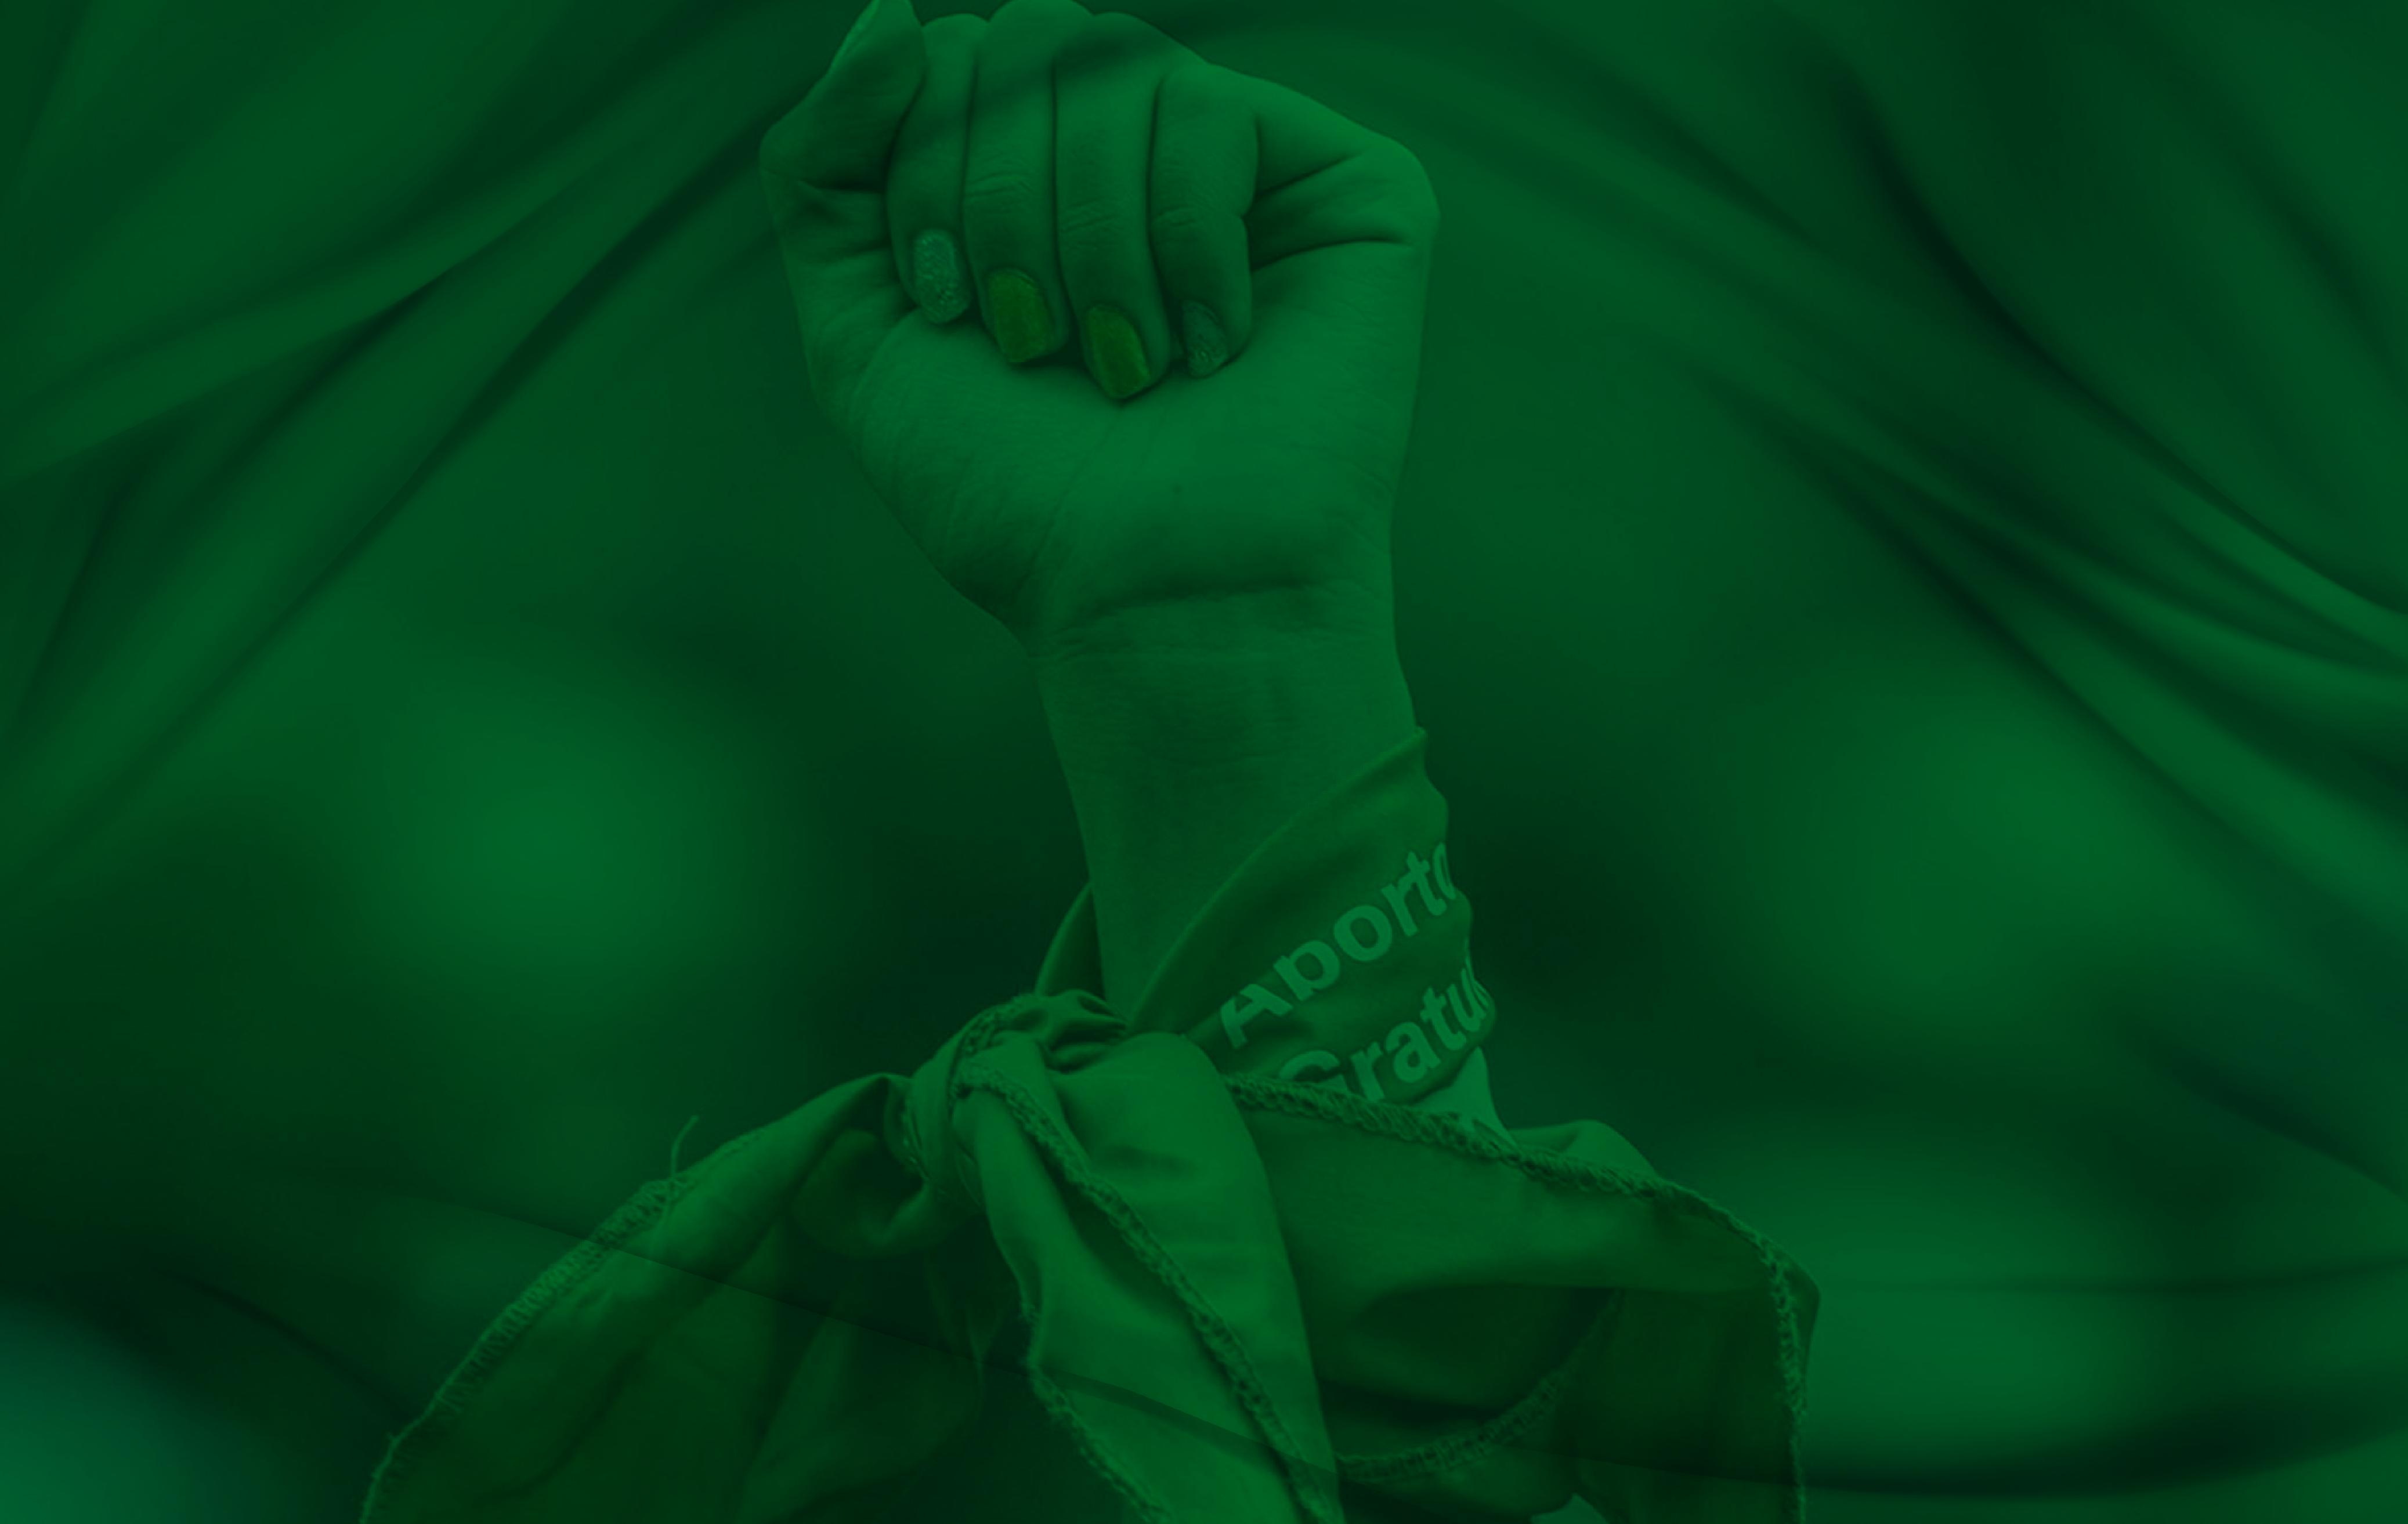 El Aborto es Legal, Seguro y gratuito en Argentina